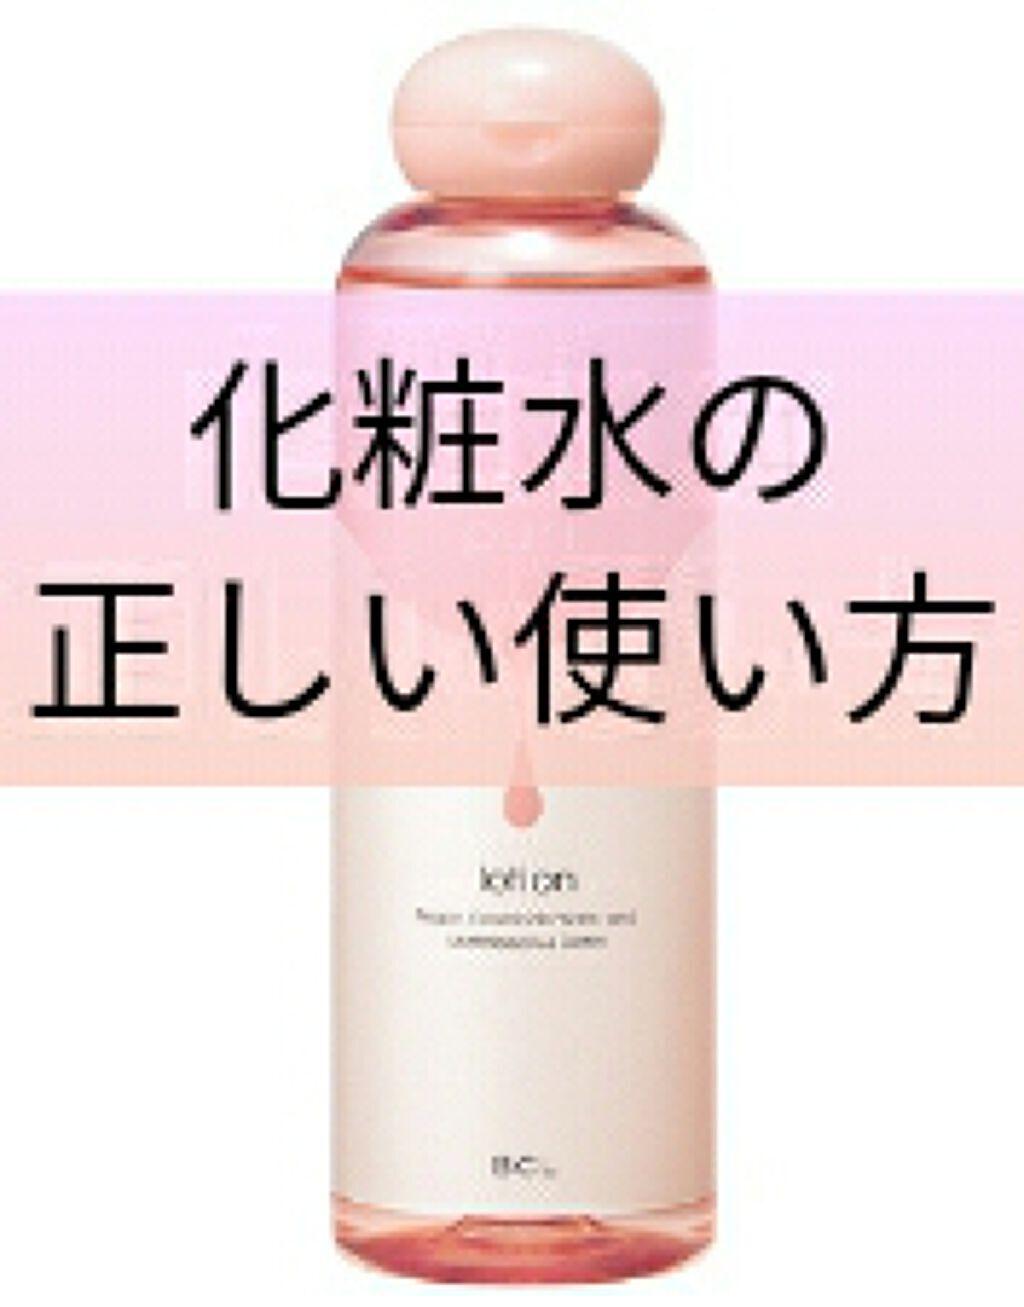 「化粧水は使い方で素肌が変わる!手とコットンの正しい塗り方&ケア法|悩み別おすすめ化粧水17選」の画像(#142580)